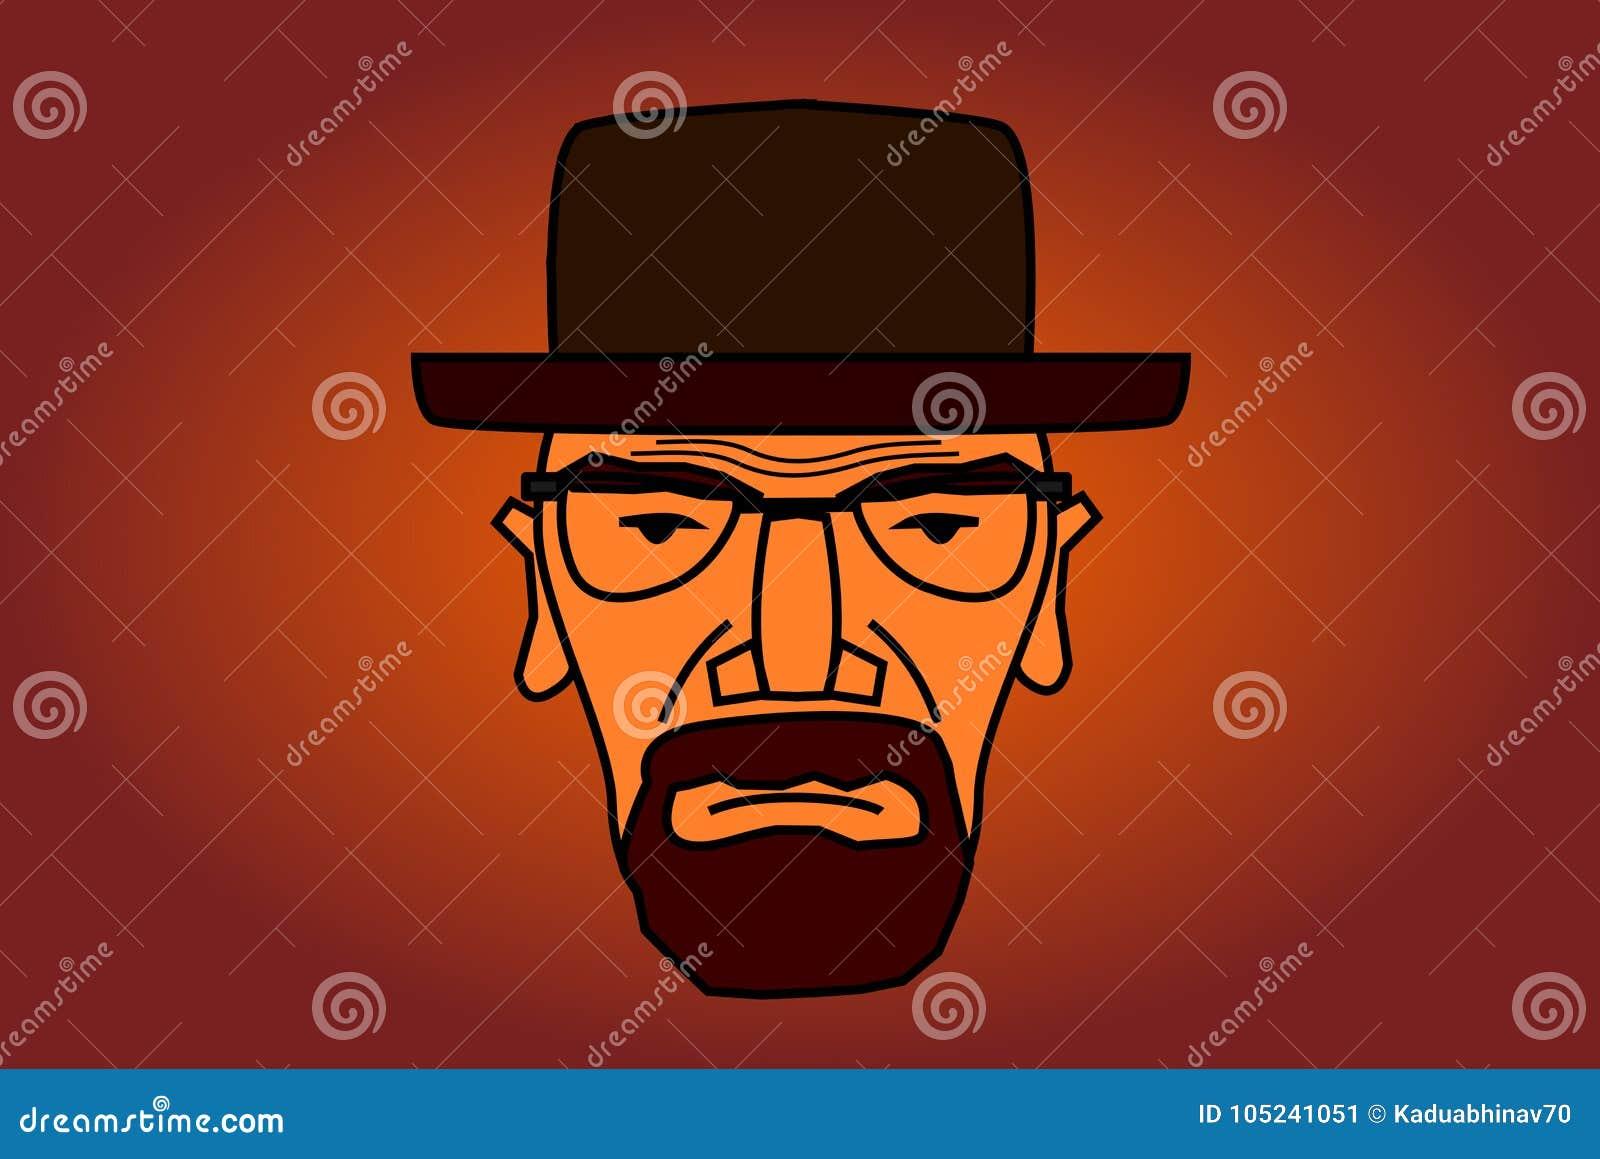 De illustratie van het Heisenbergkarakter